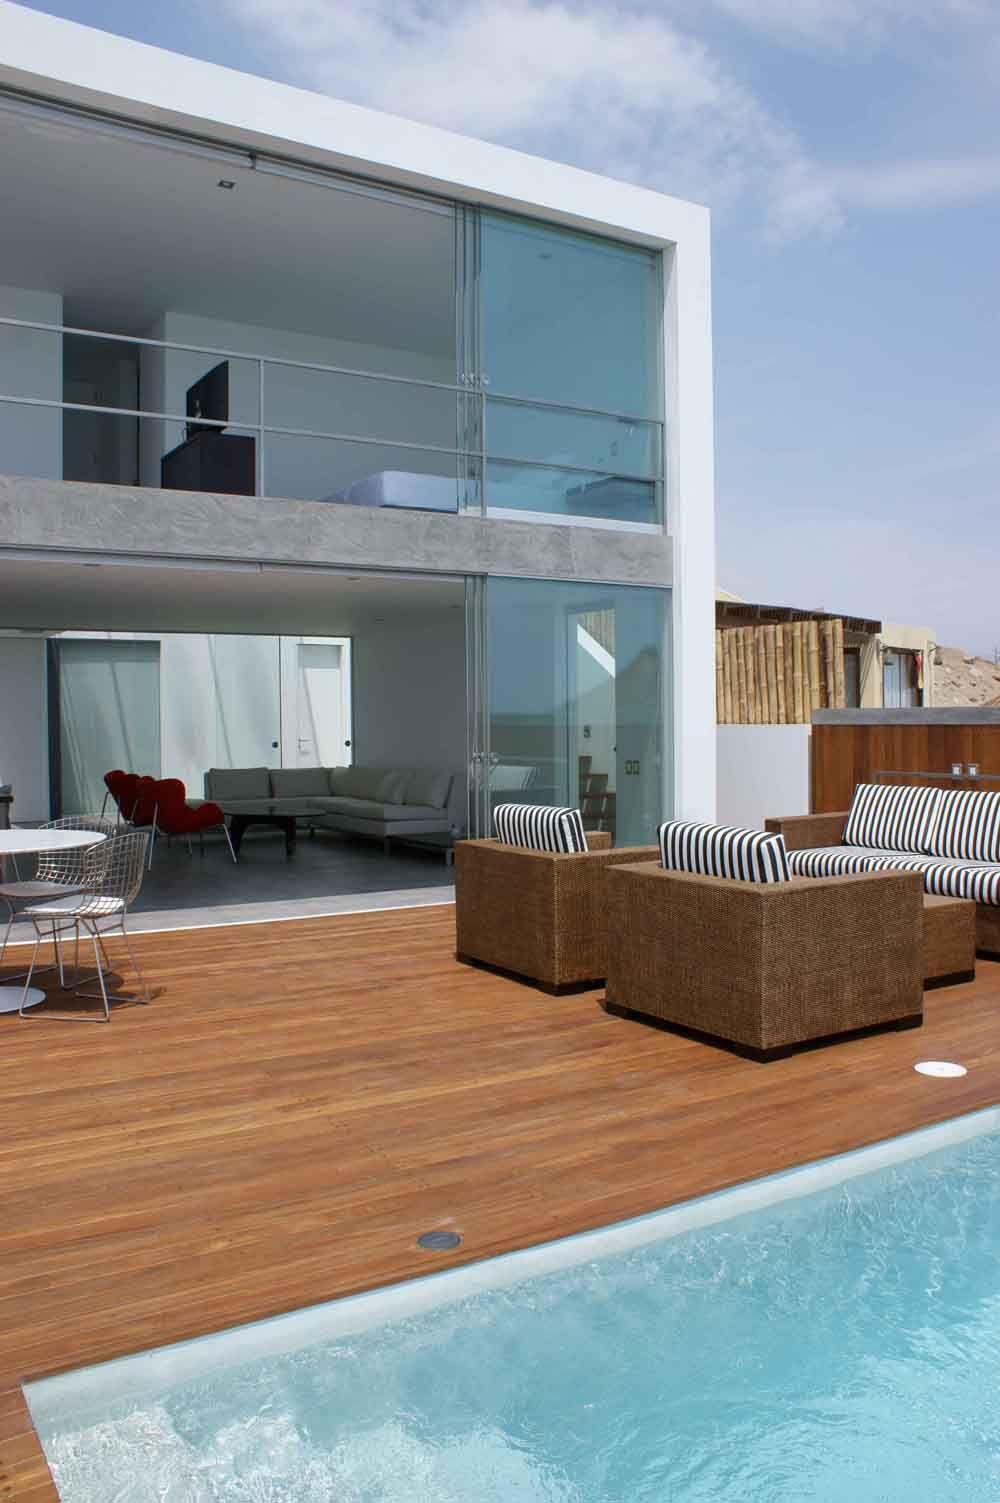 Casa En Playa Punta Hermosa Arq Juan Carlos Doblado Casas De